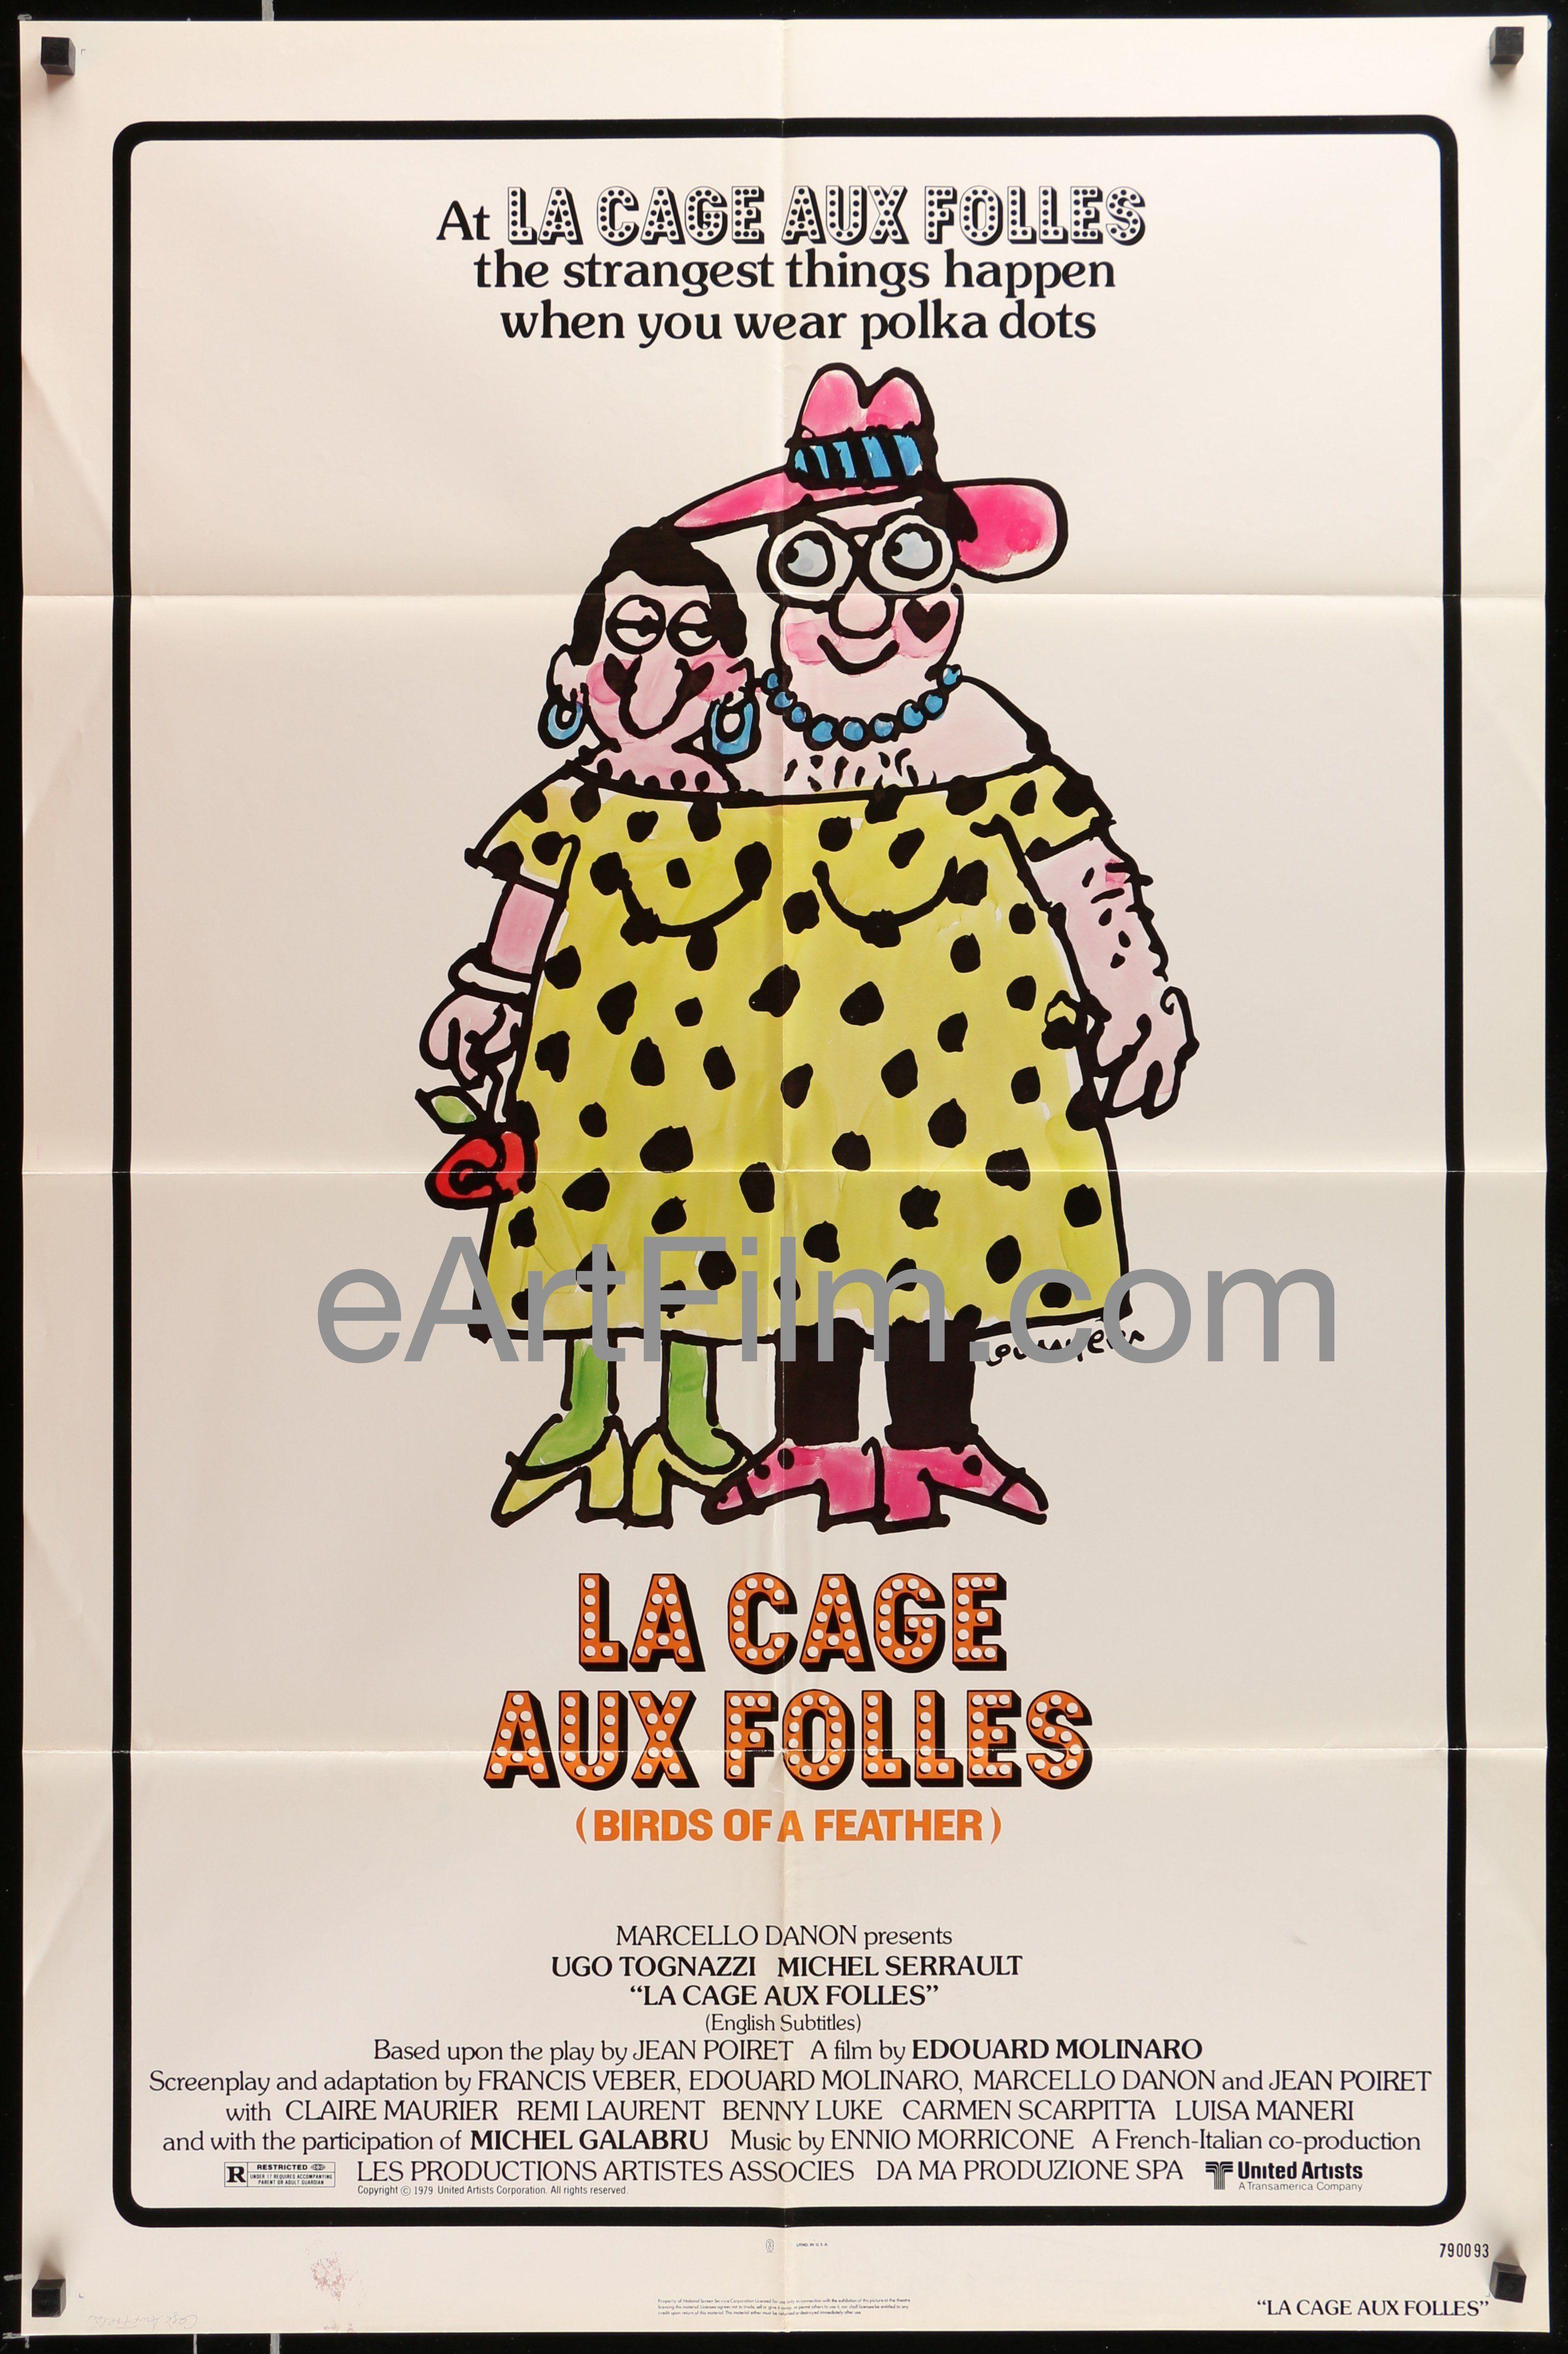 La cage aux folles Ugo Tognazzi vintage movie poster